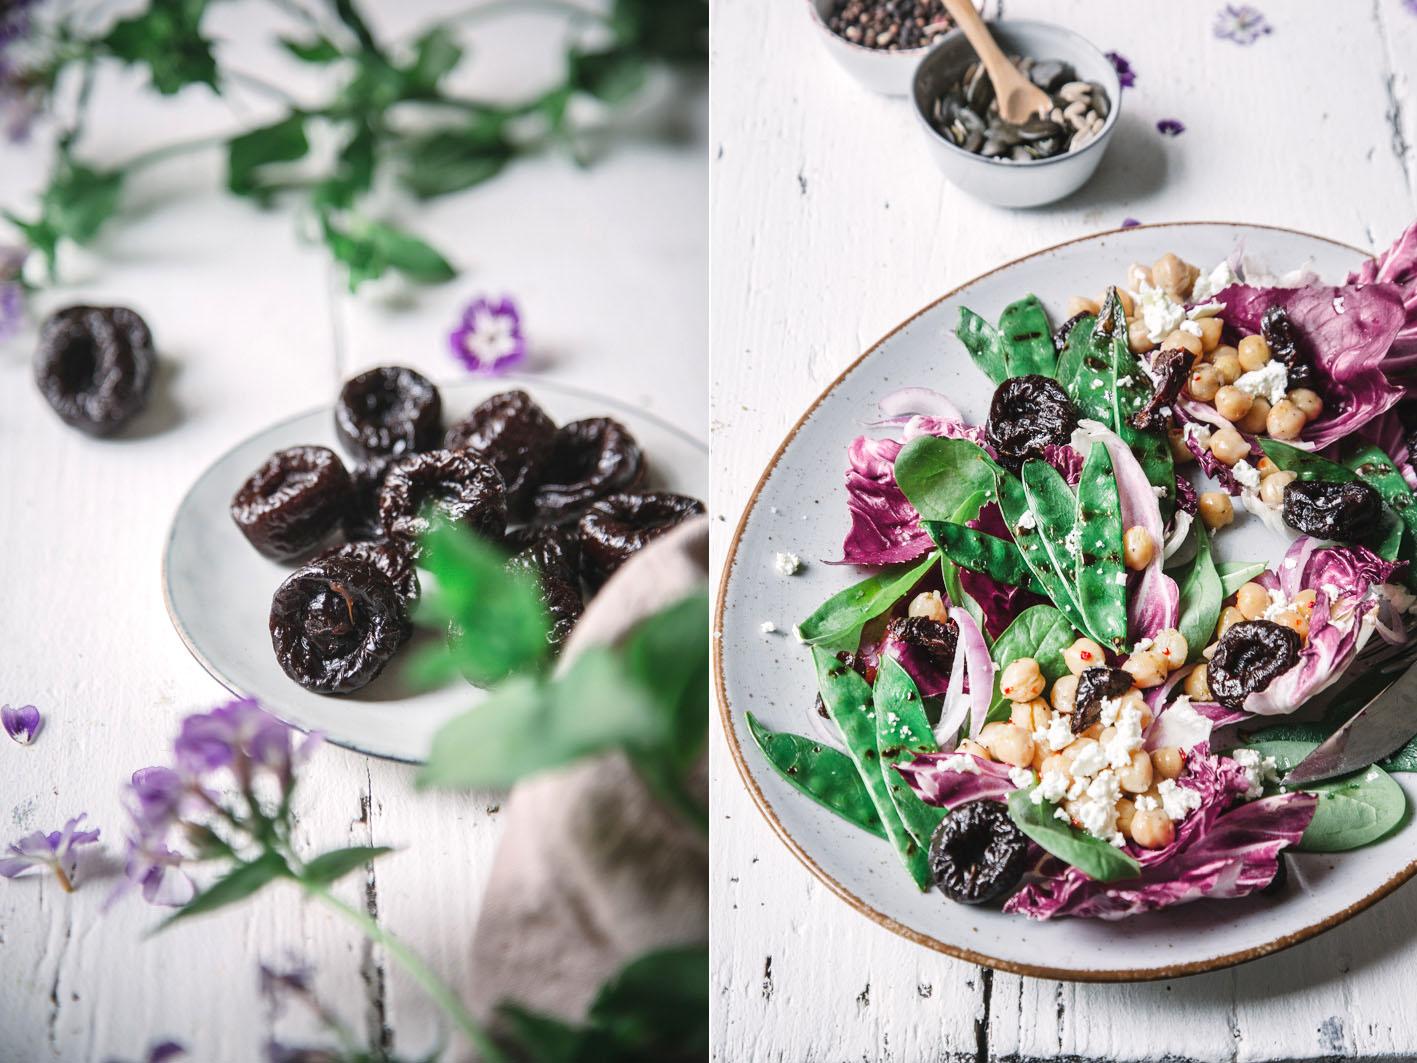 Grillsalat mit Kichererbsen und Zuckerschoten